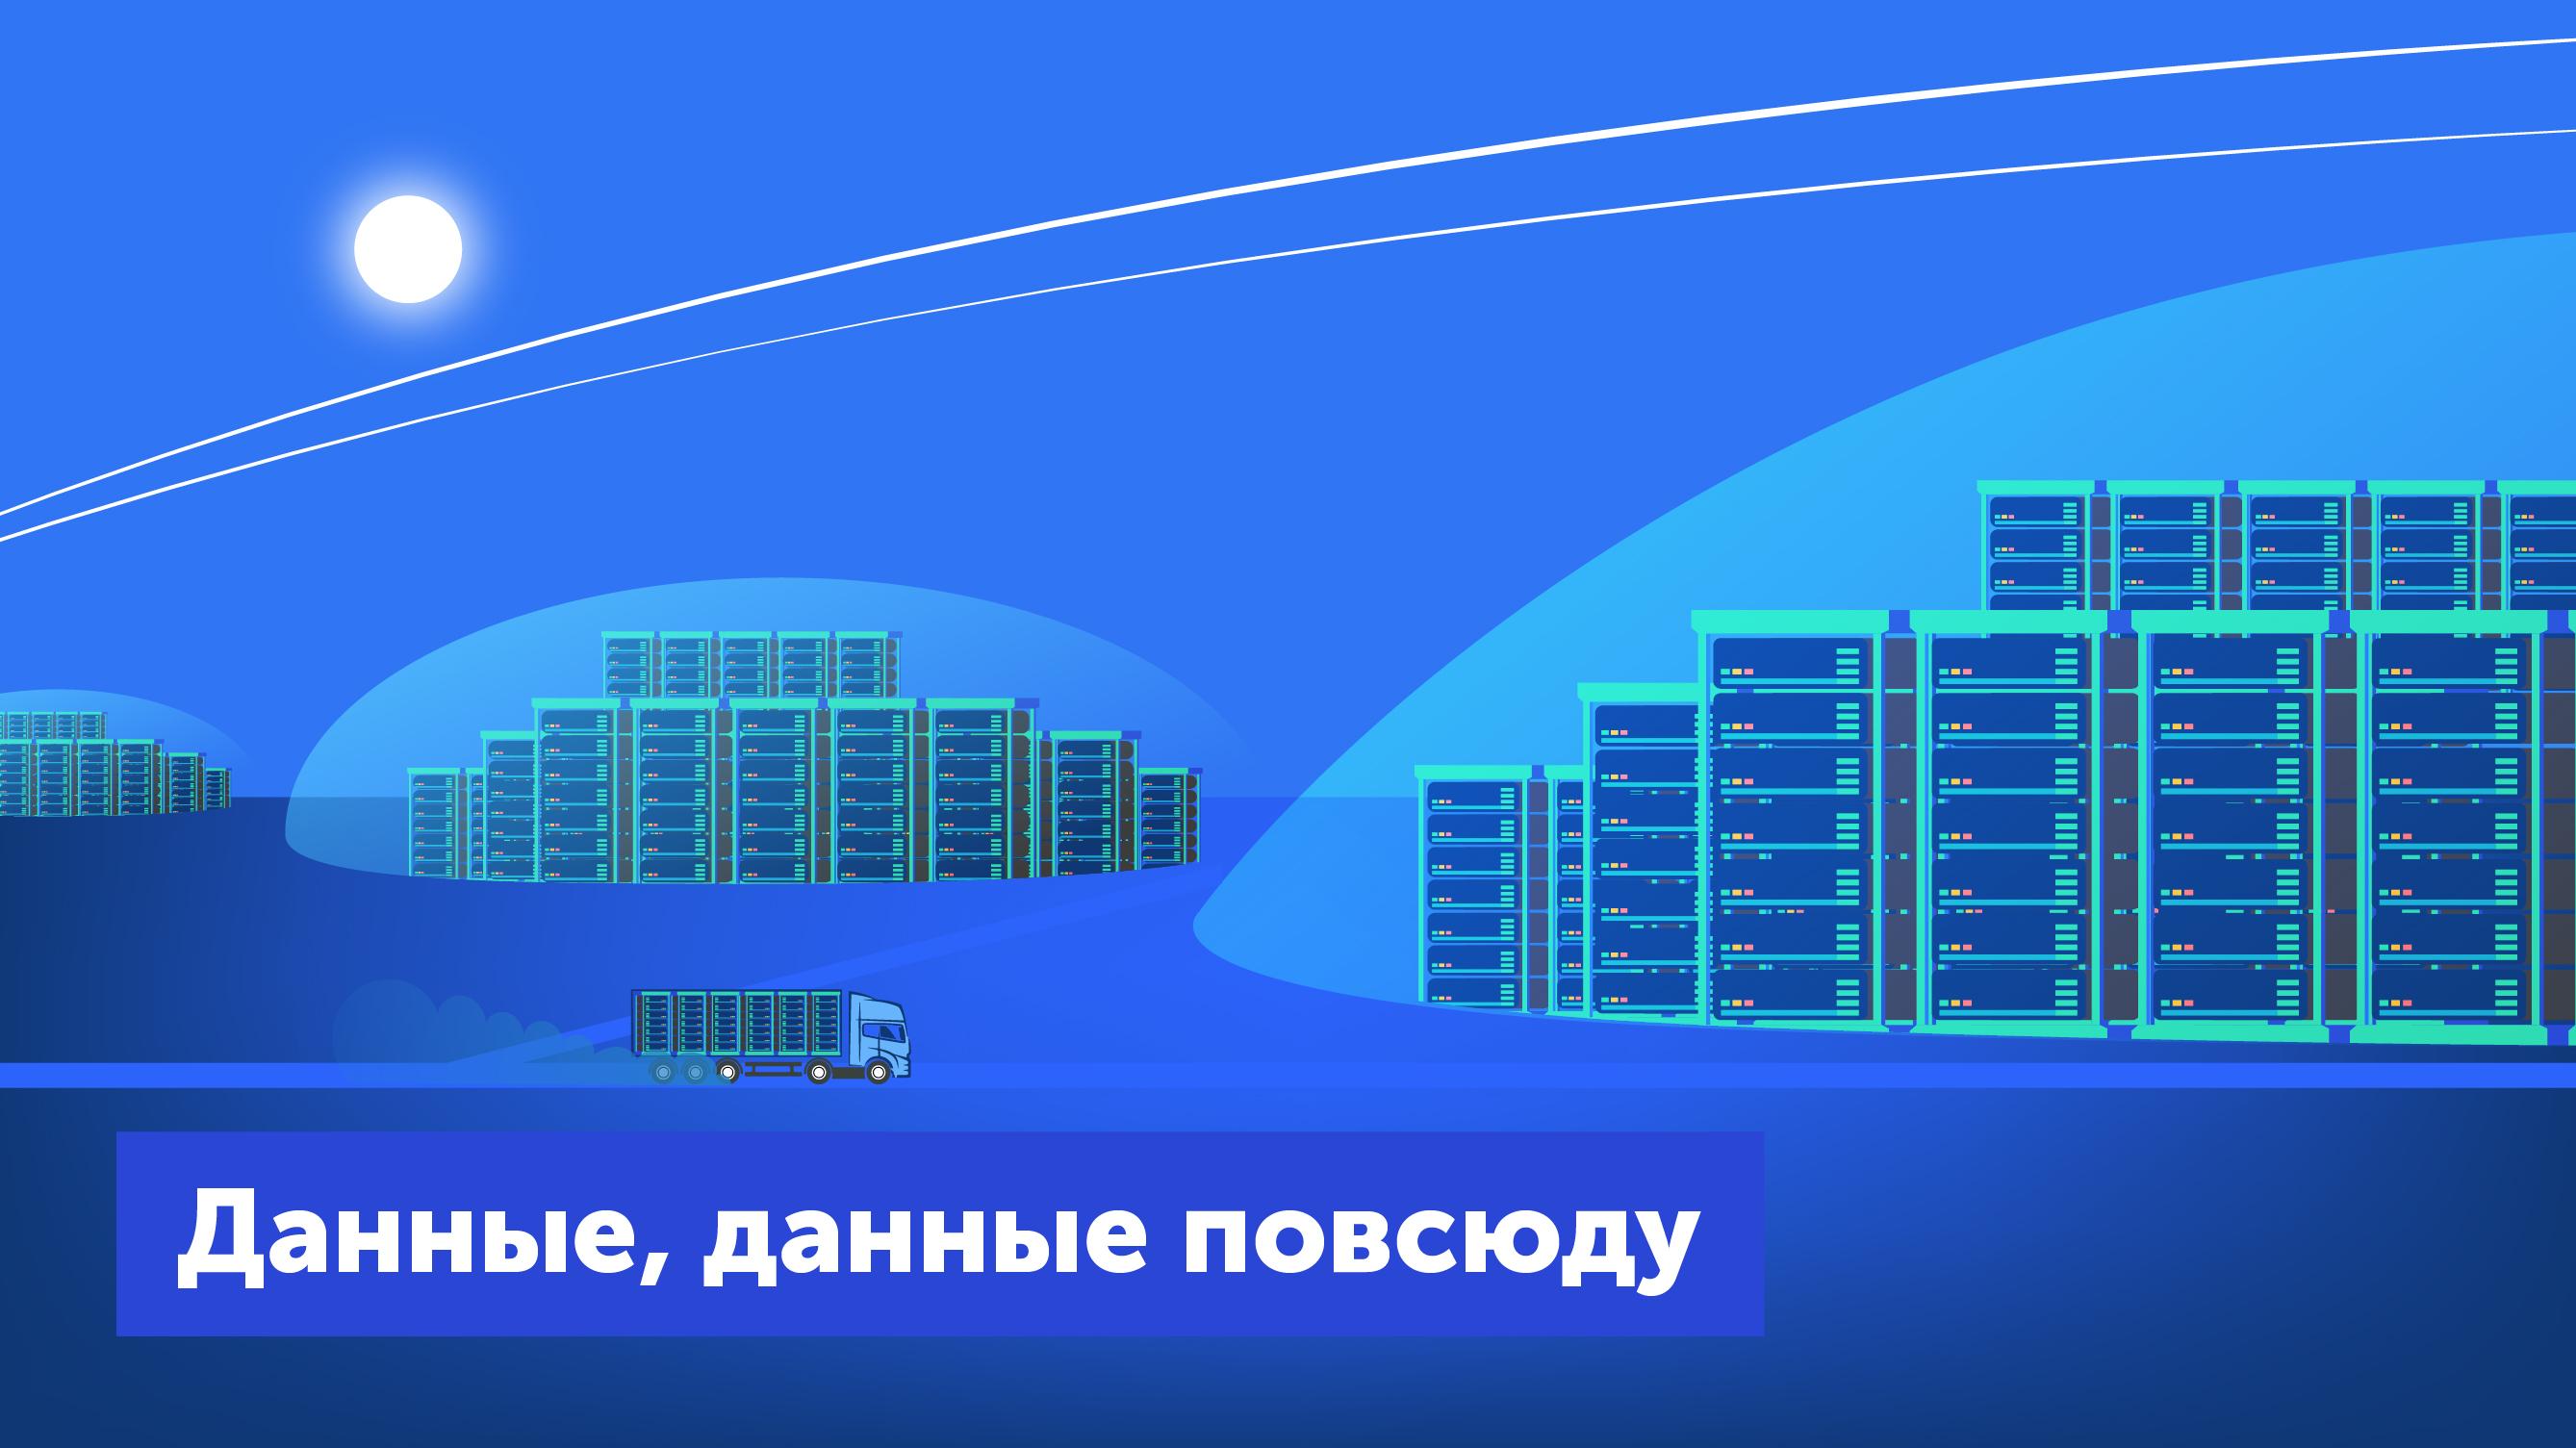 Делимся самым большим в РФ пластом данных по онлайн-обучению с проектами по лингвистике, персонализации, педдизайну, ML